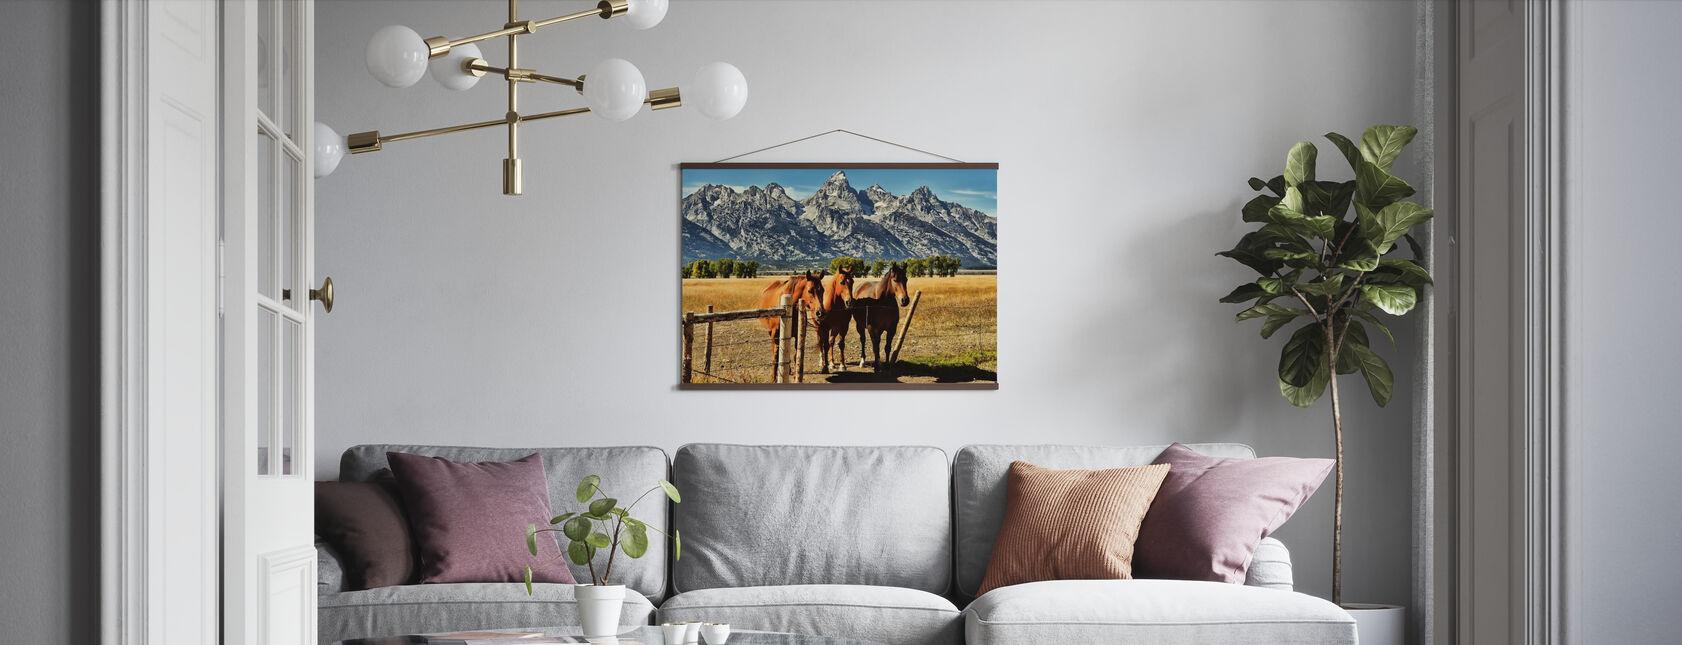 Trio voor Teton Mountain Range - Poster - Woonkamer